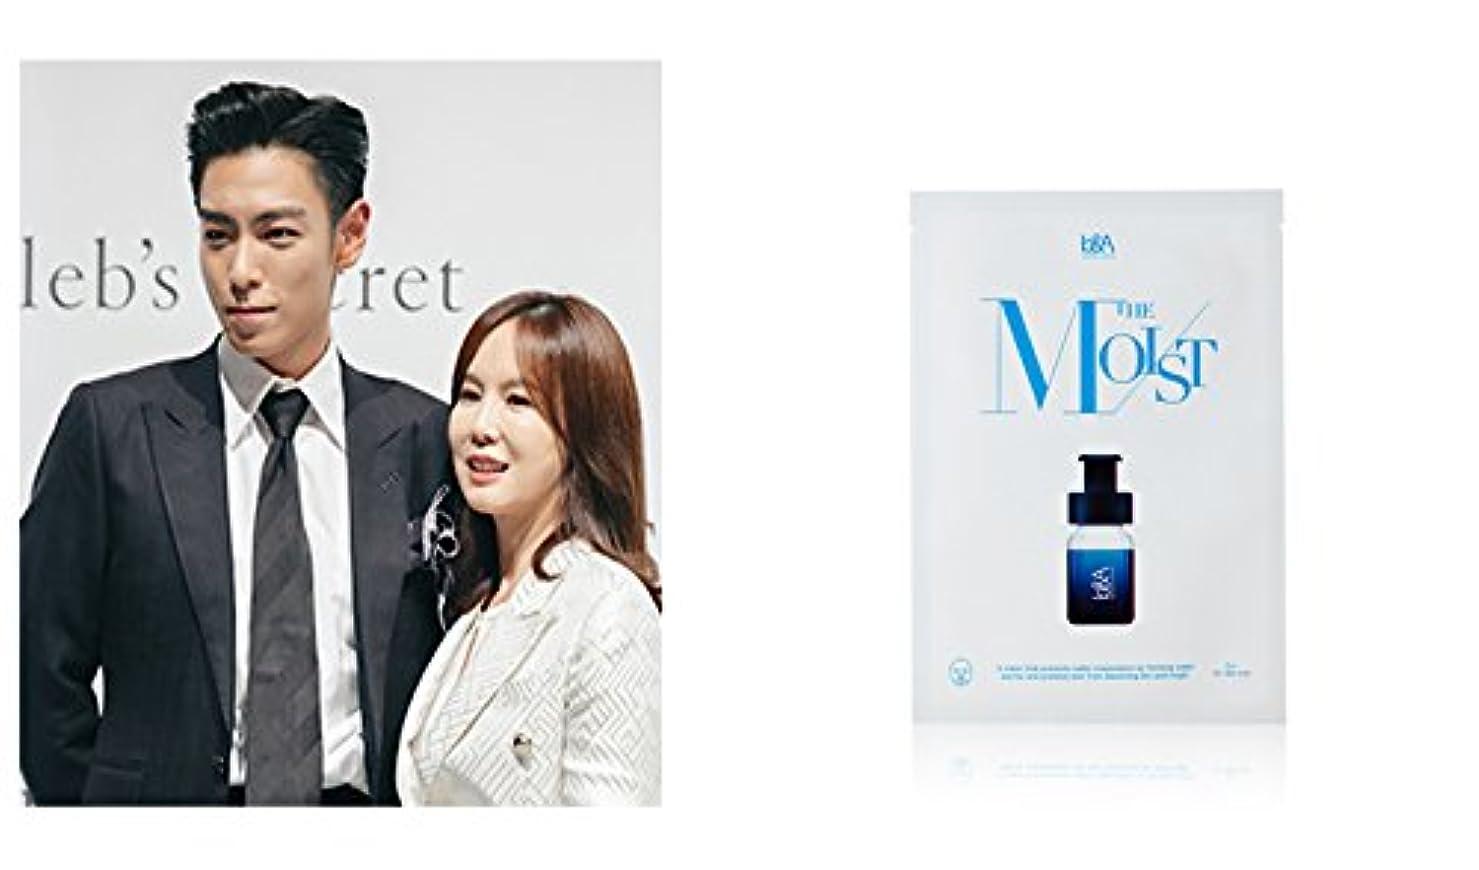 誕生貢献する引き出すBigBang Top [K cosmetic][K beauty] Celeb's-Secret THE MOIST MASK / 5pcs [海外直送品][並行輸入品]